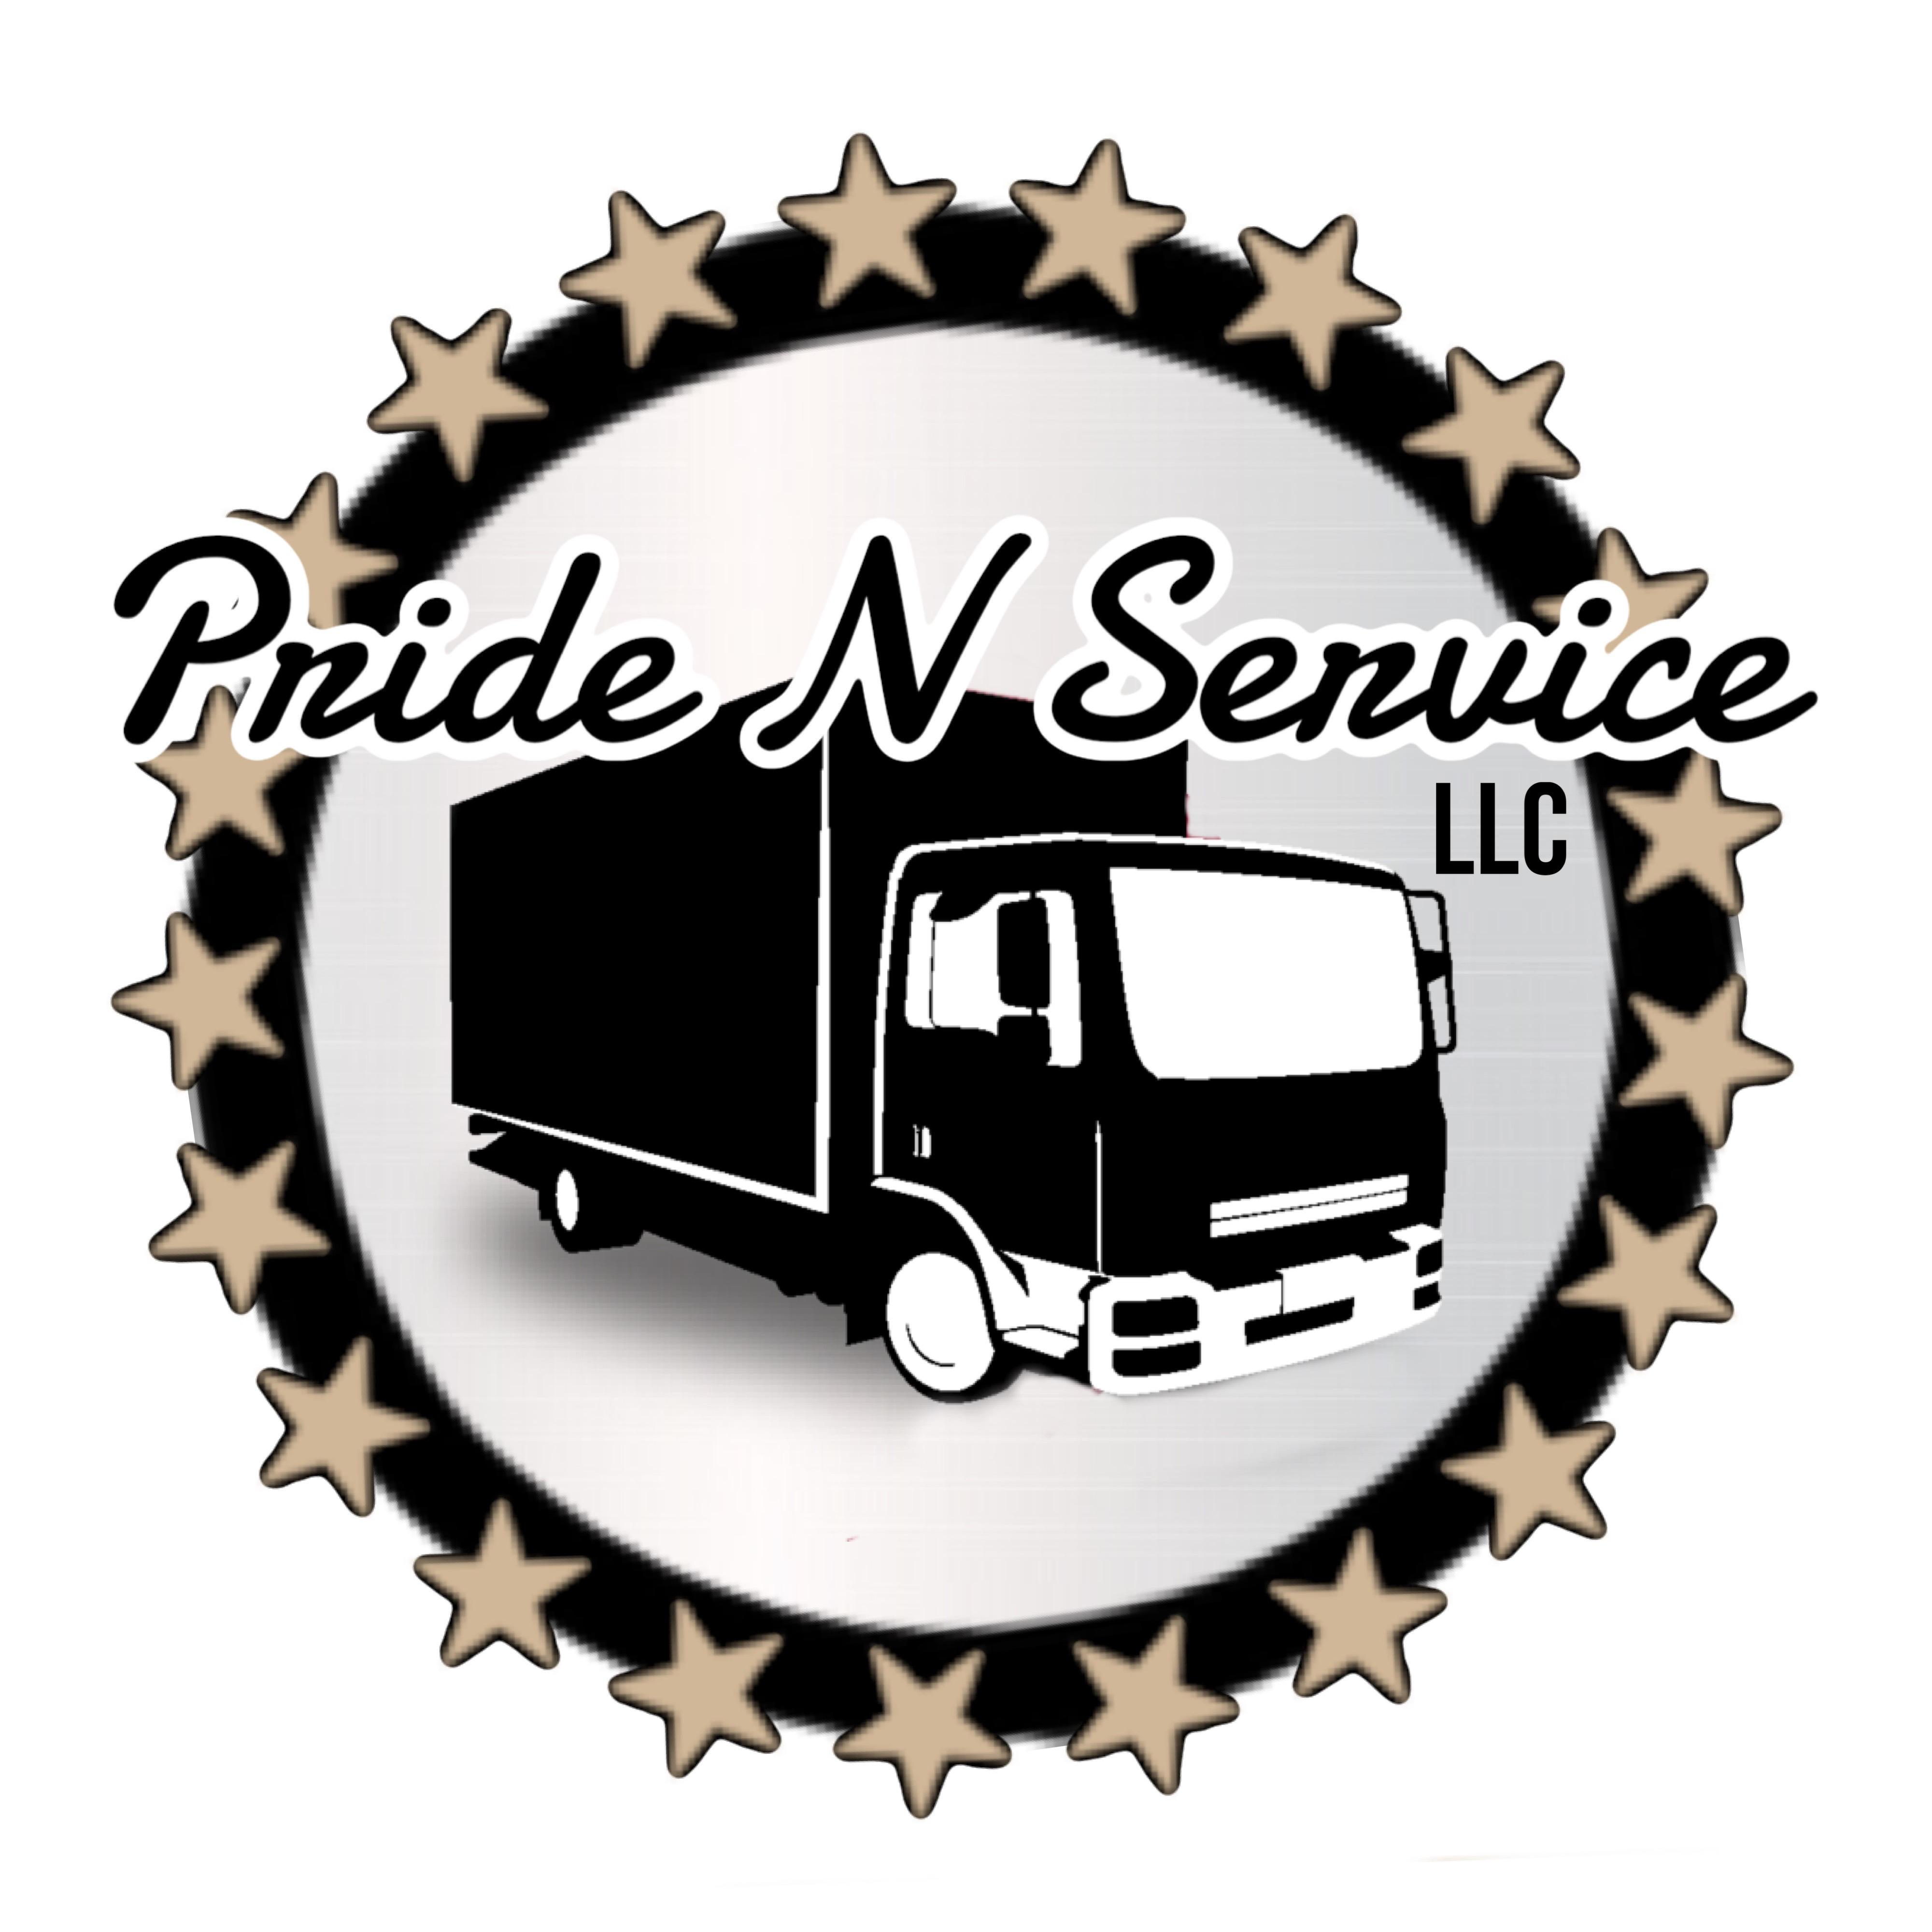 Pride N Service